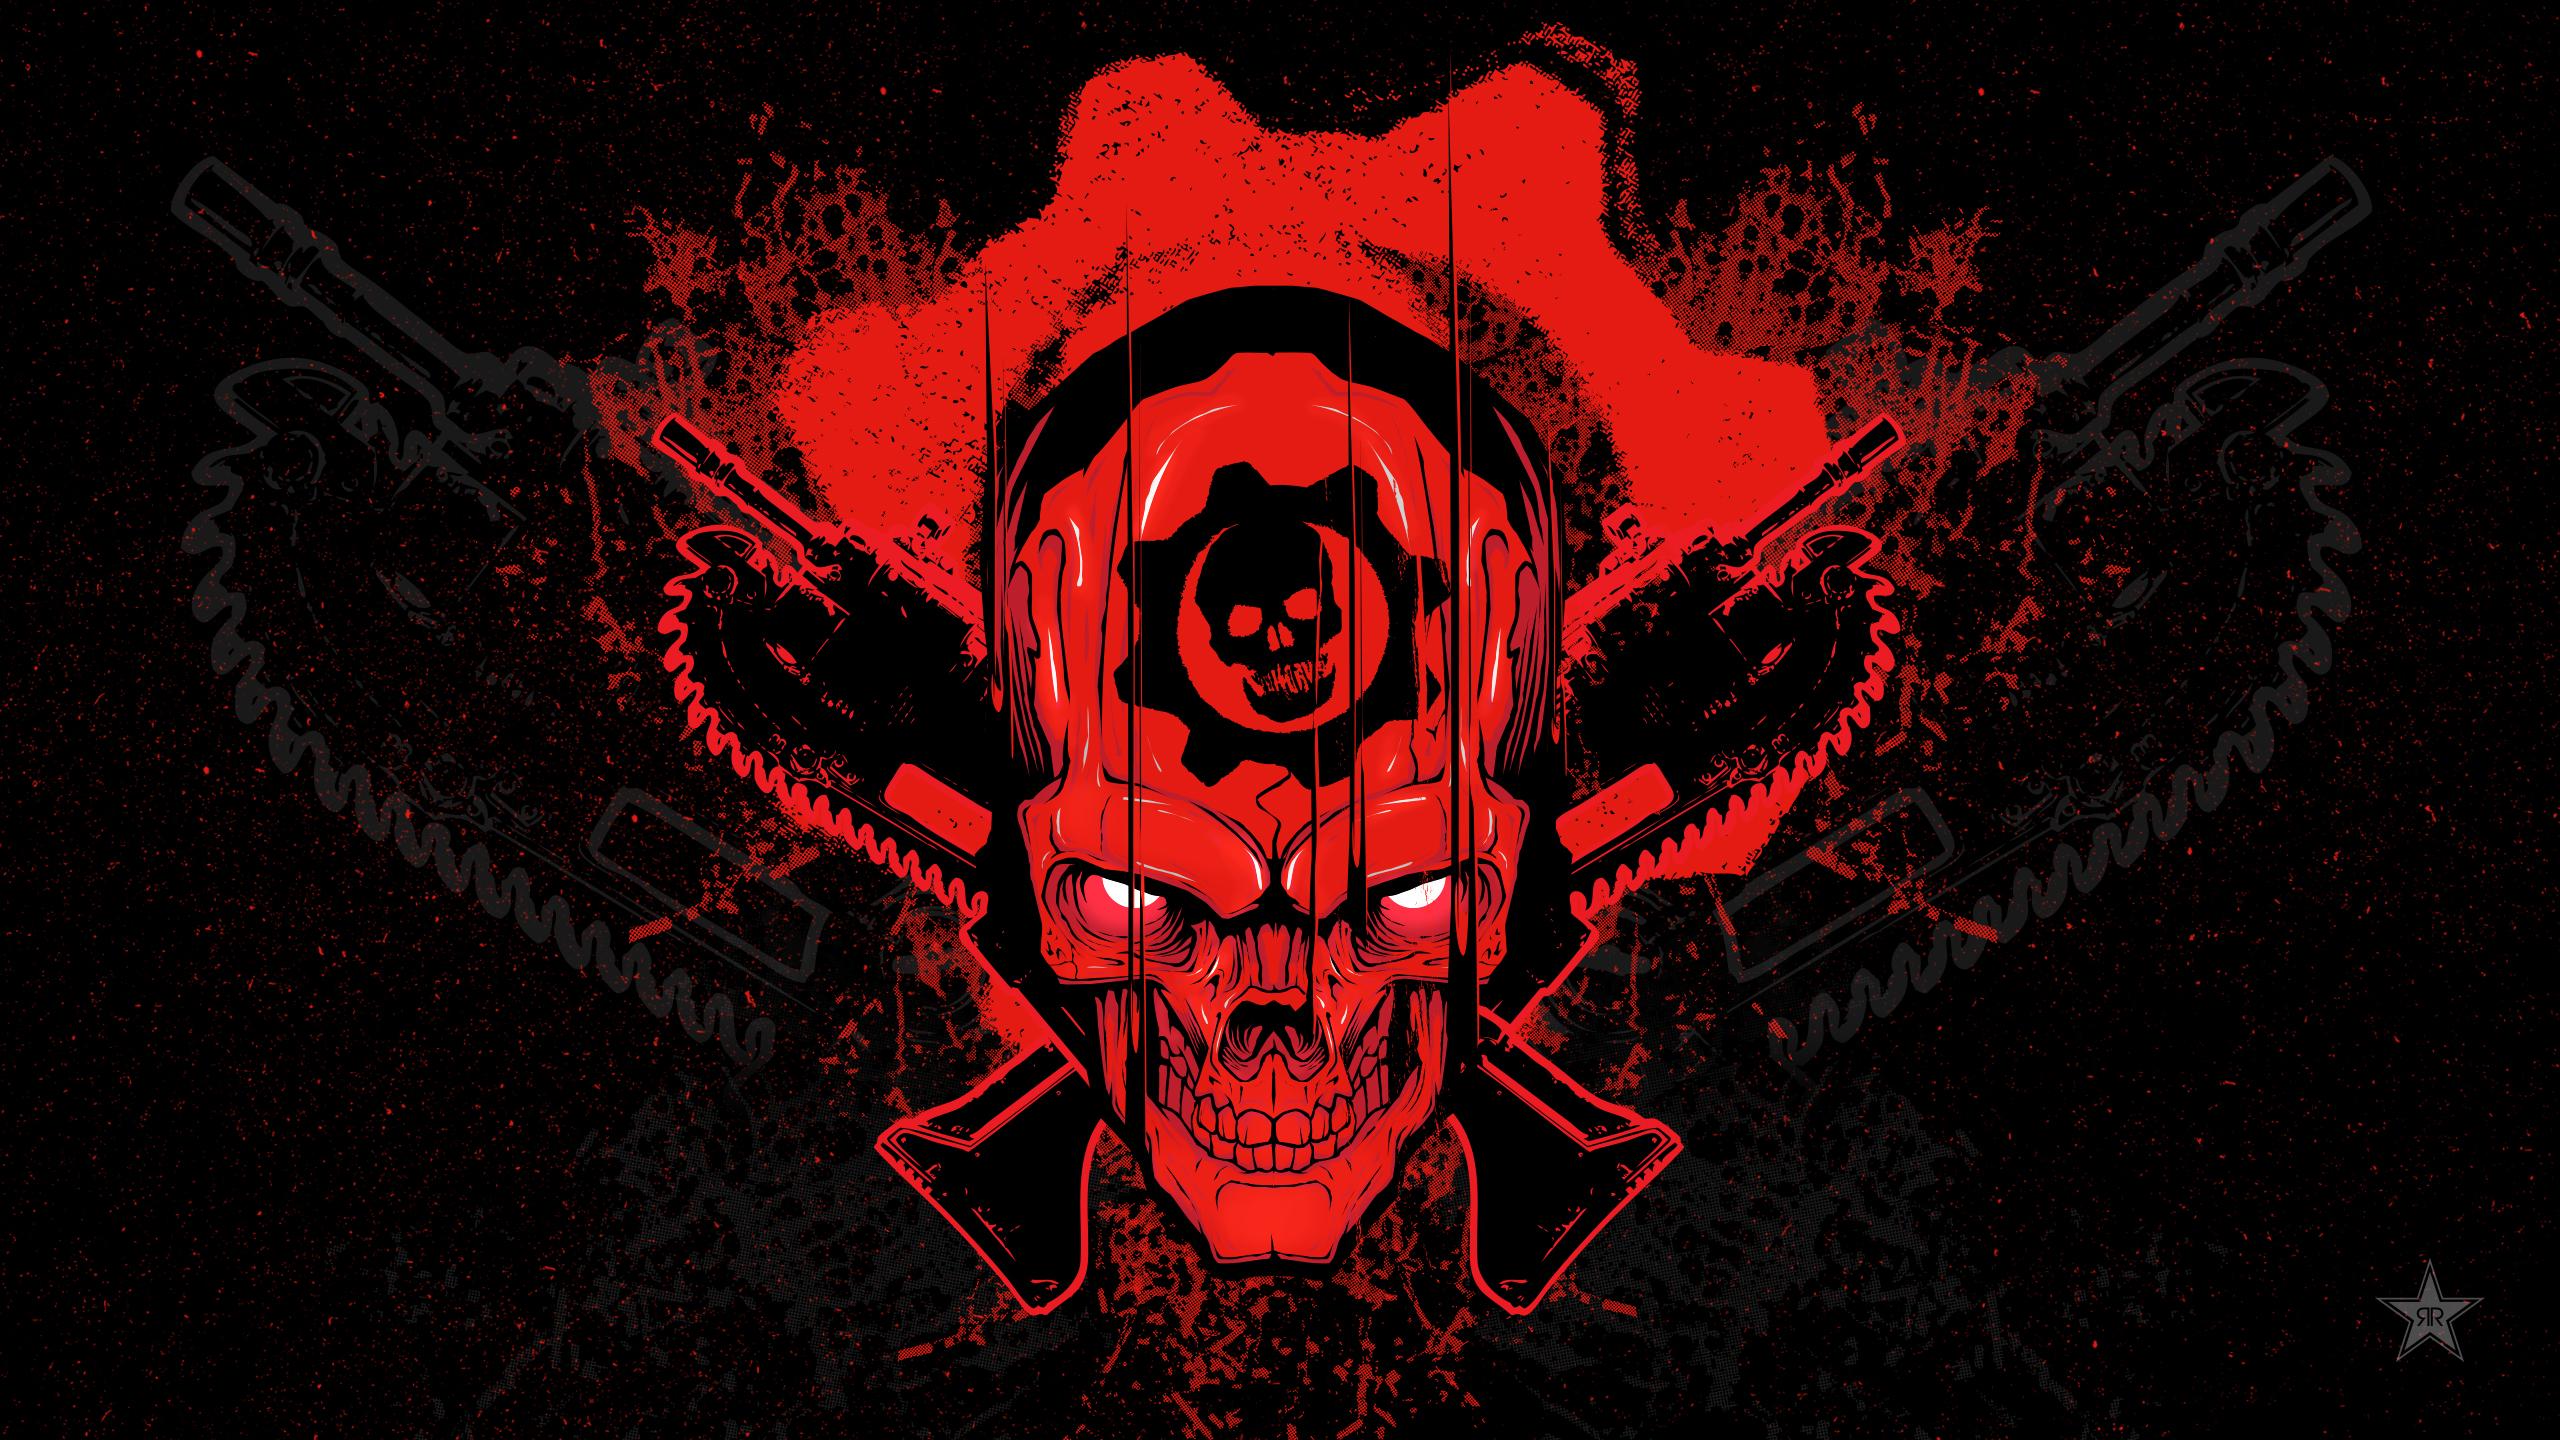 gears of war 4 skull image